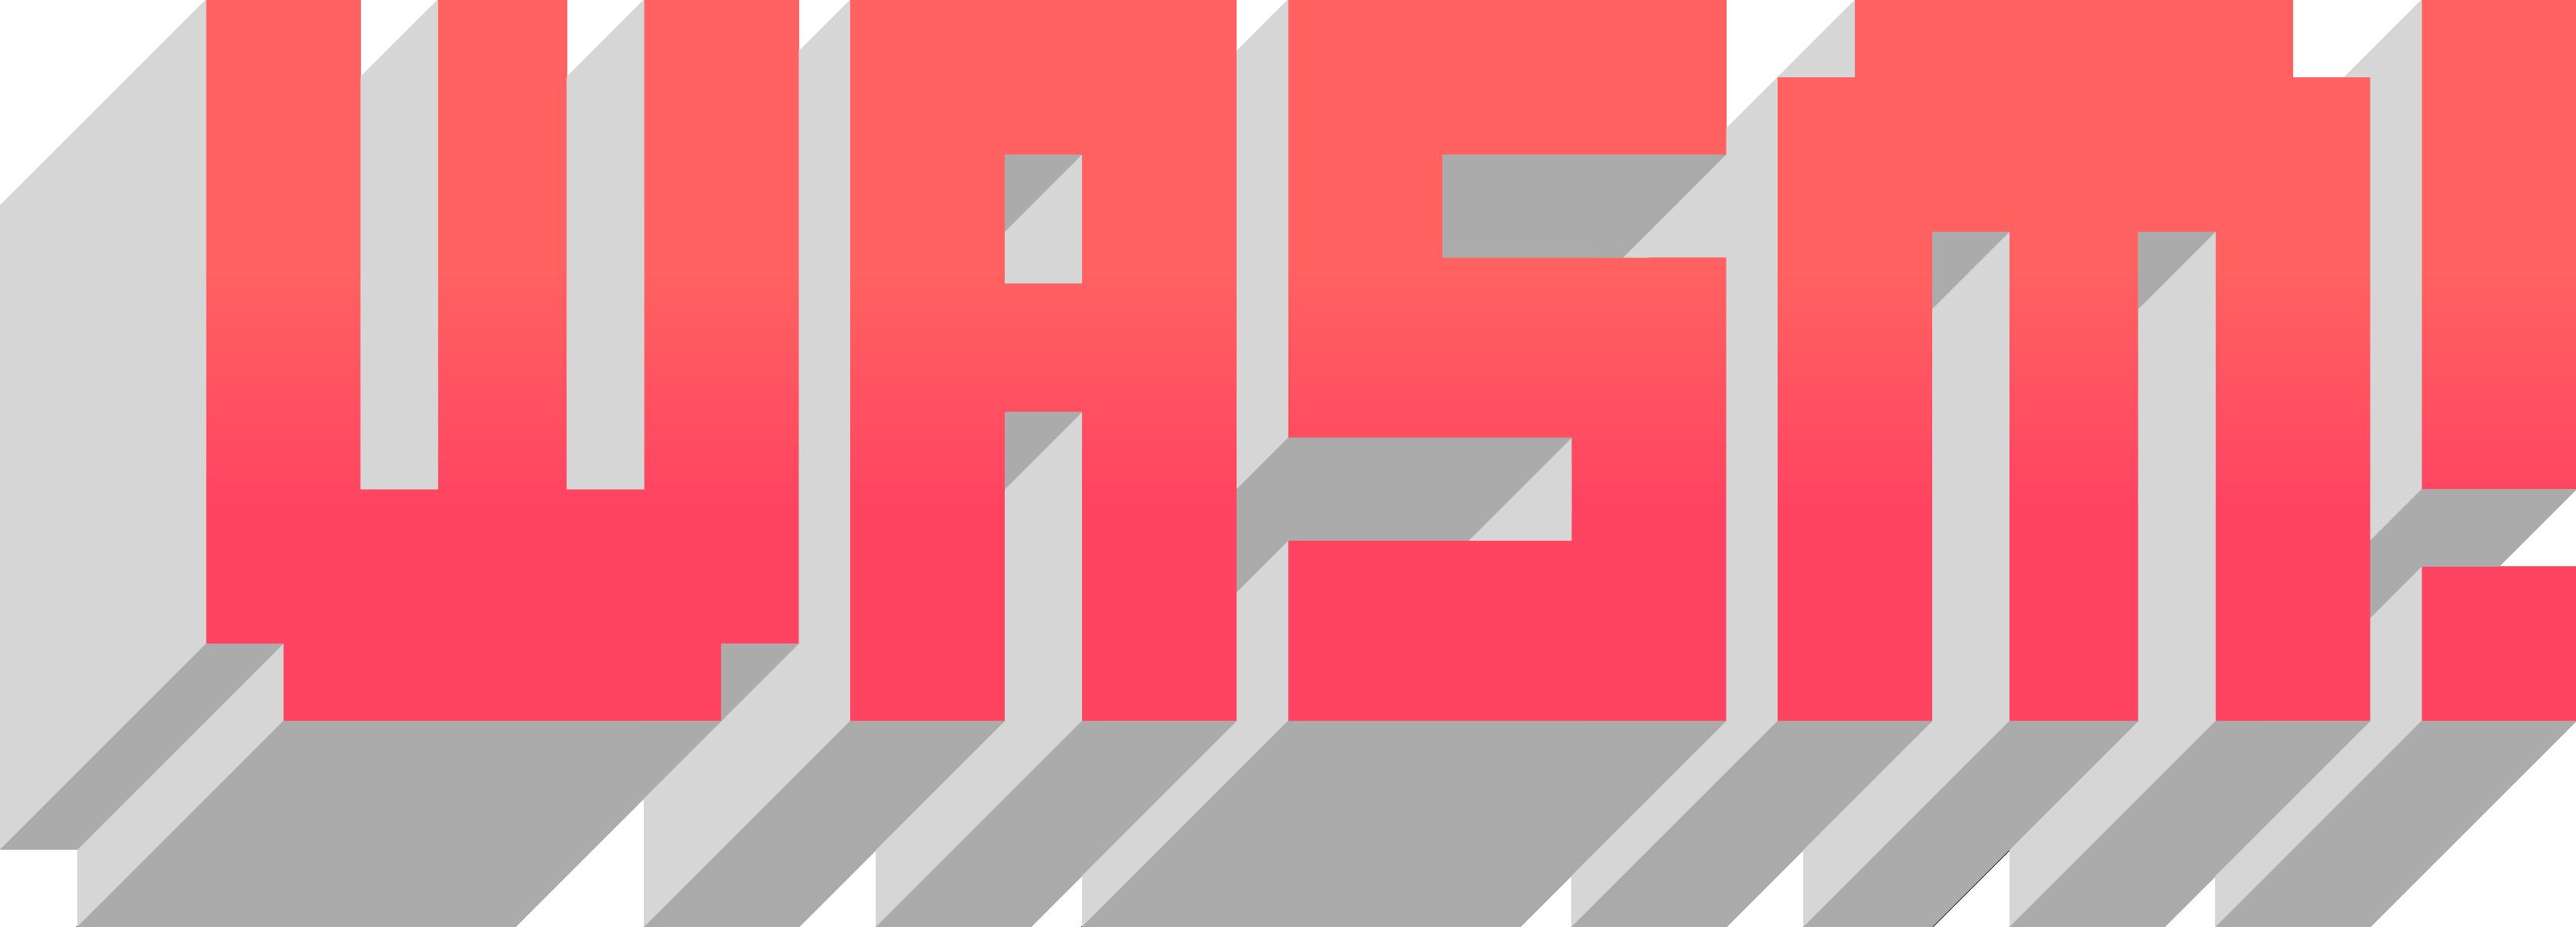 wasm-logos-02